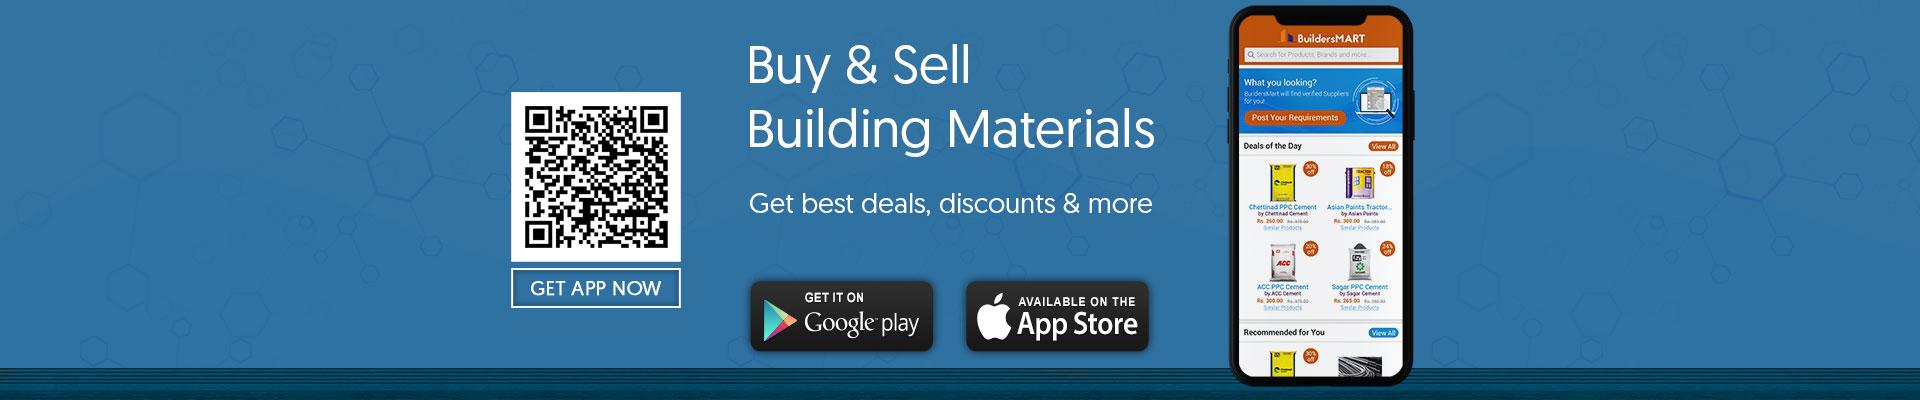 BuildersMART Mobile Application